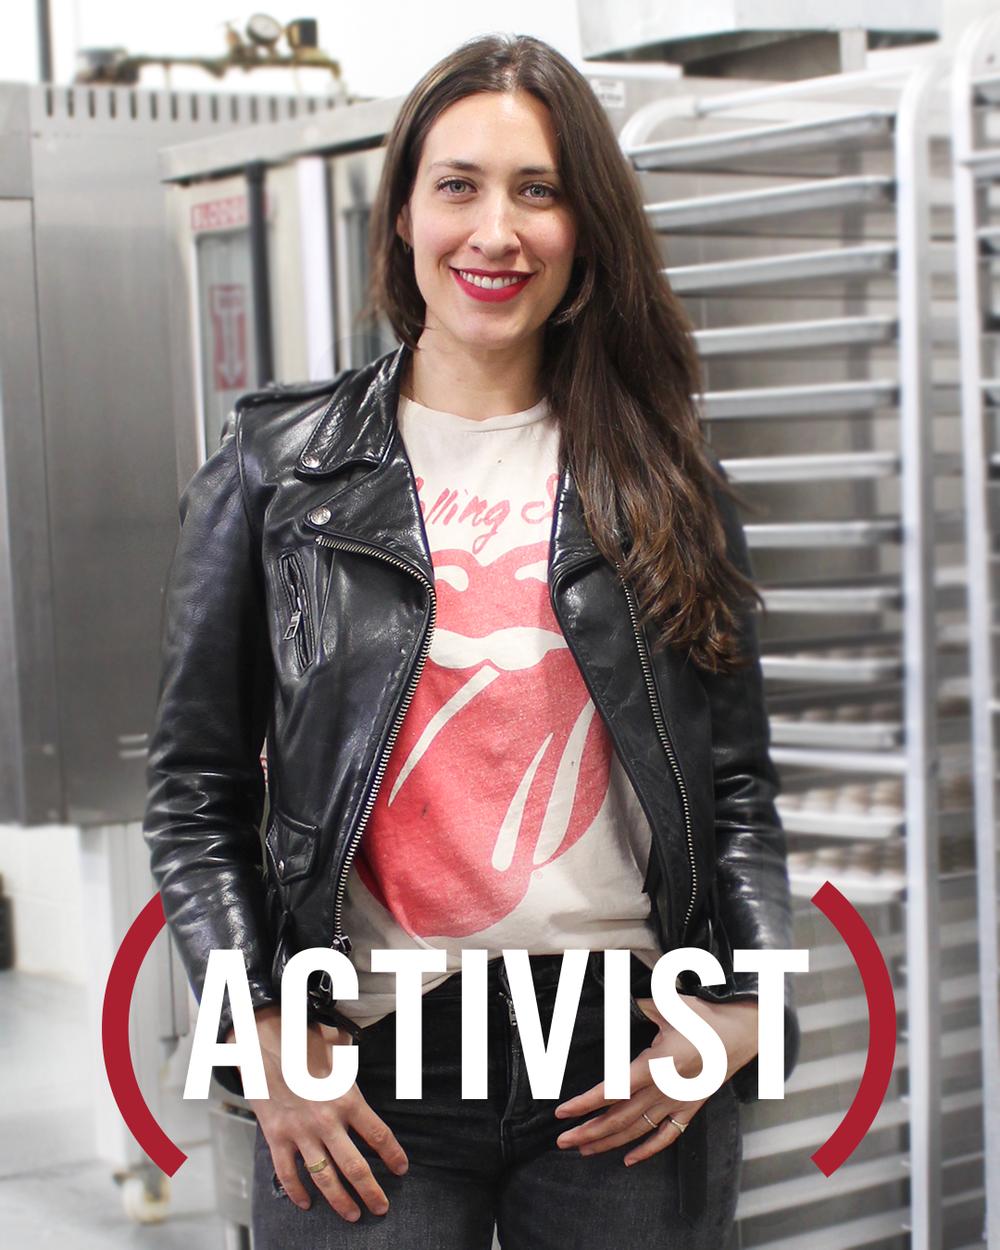 Activist-Portrait_Dana_forinsta_round2.png